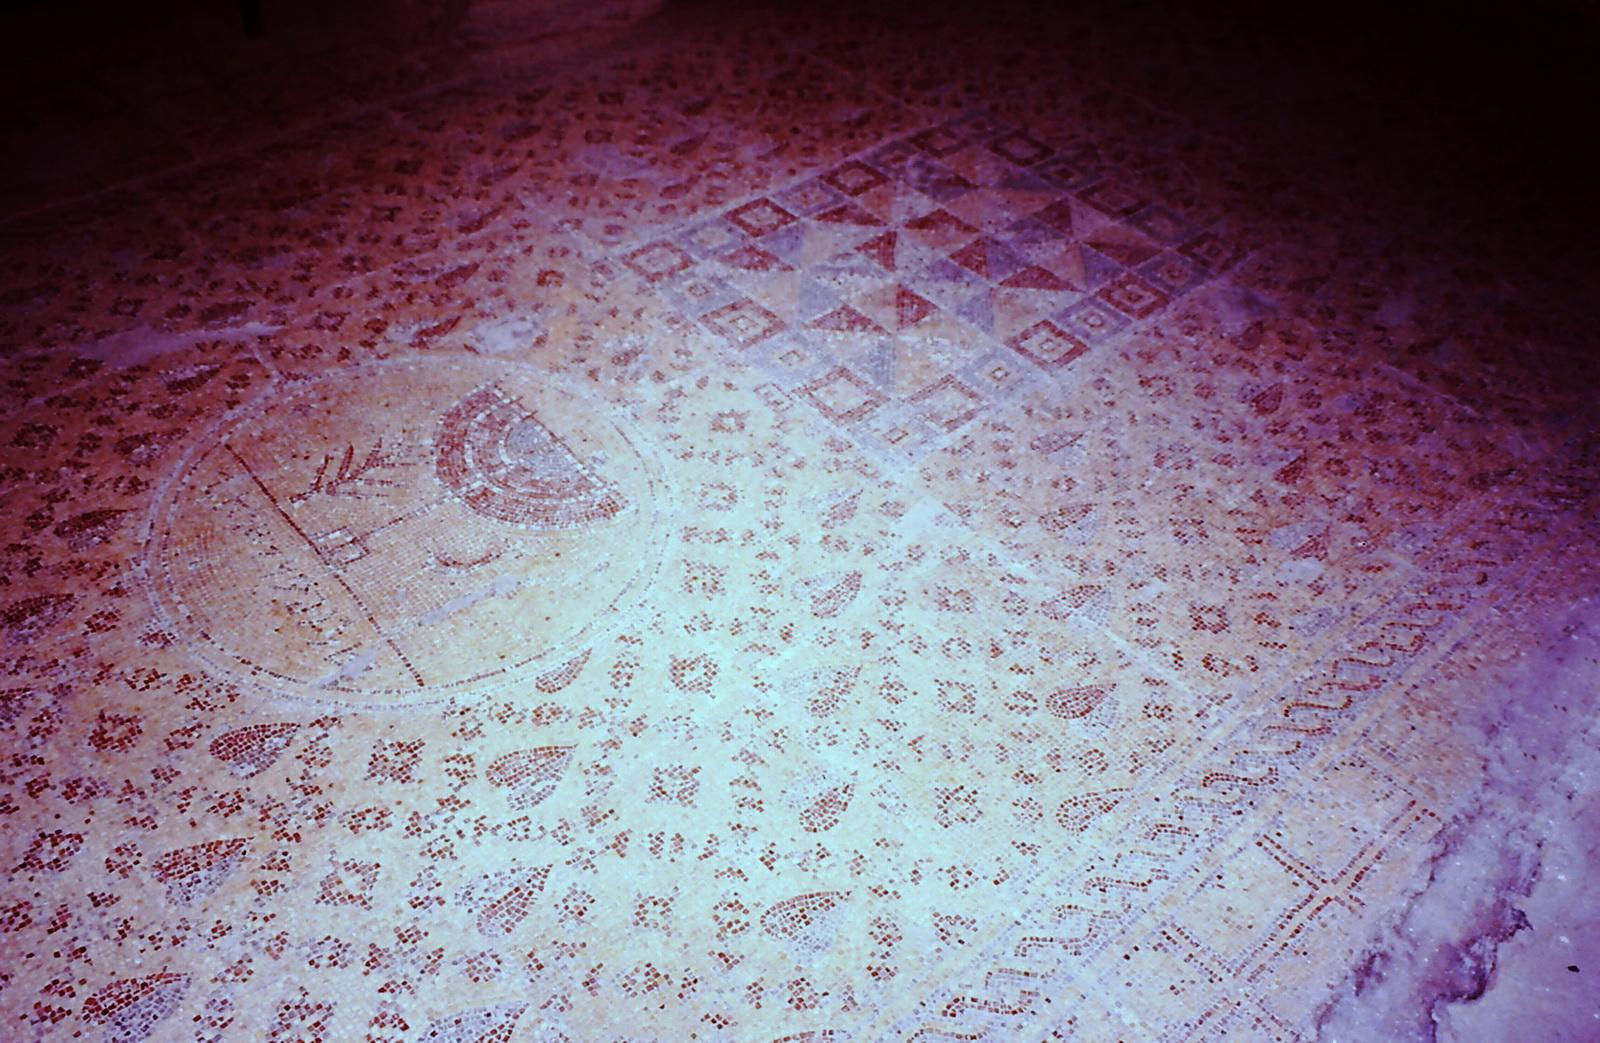 בית הכנסת ביריחו - רצפת הפסיפס כולה